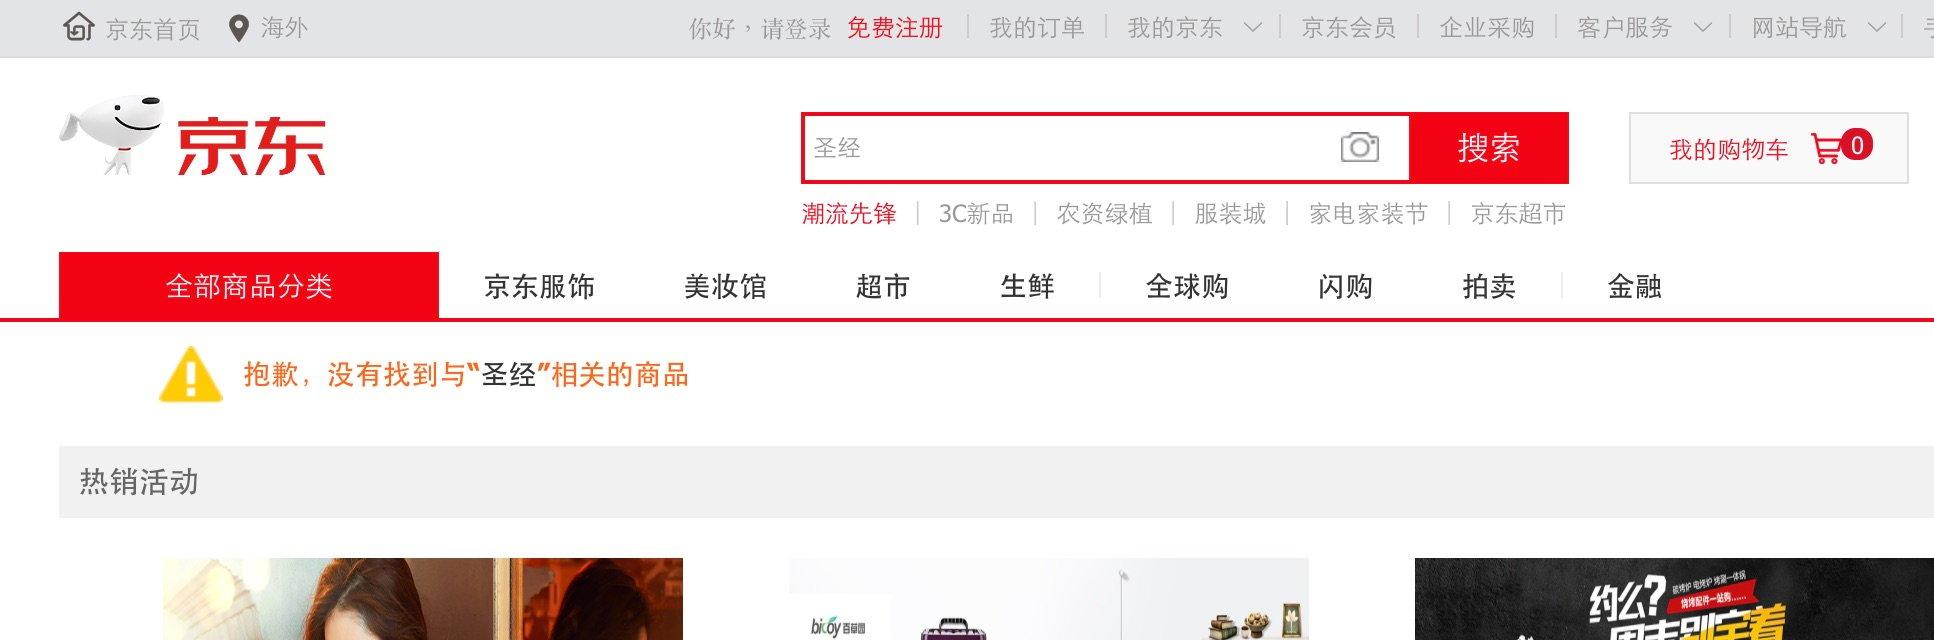 在京東購物網站搜索聖經,顯示:「抱歉,沒有找到與『聖經』相關的商品」。(京東商城網頁擷圖)